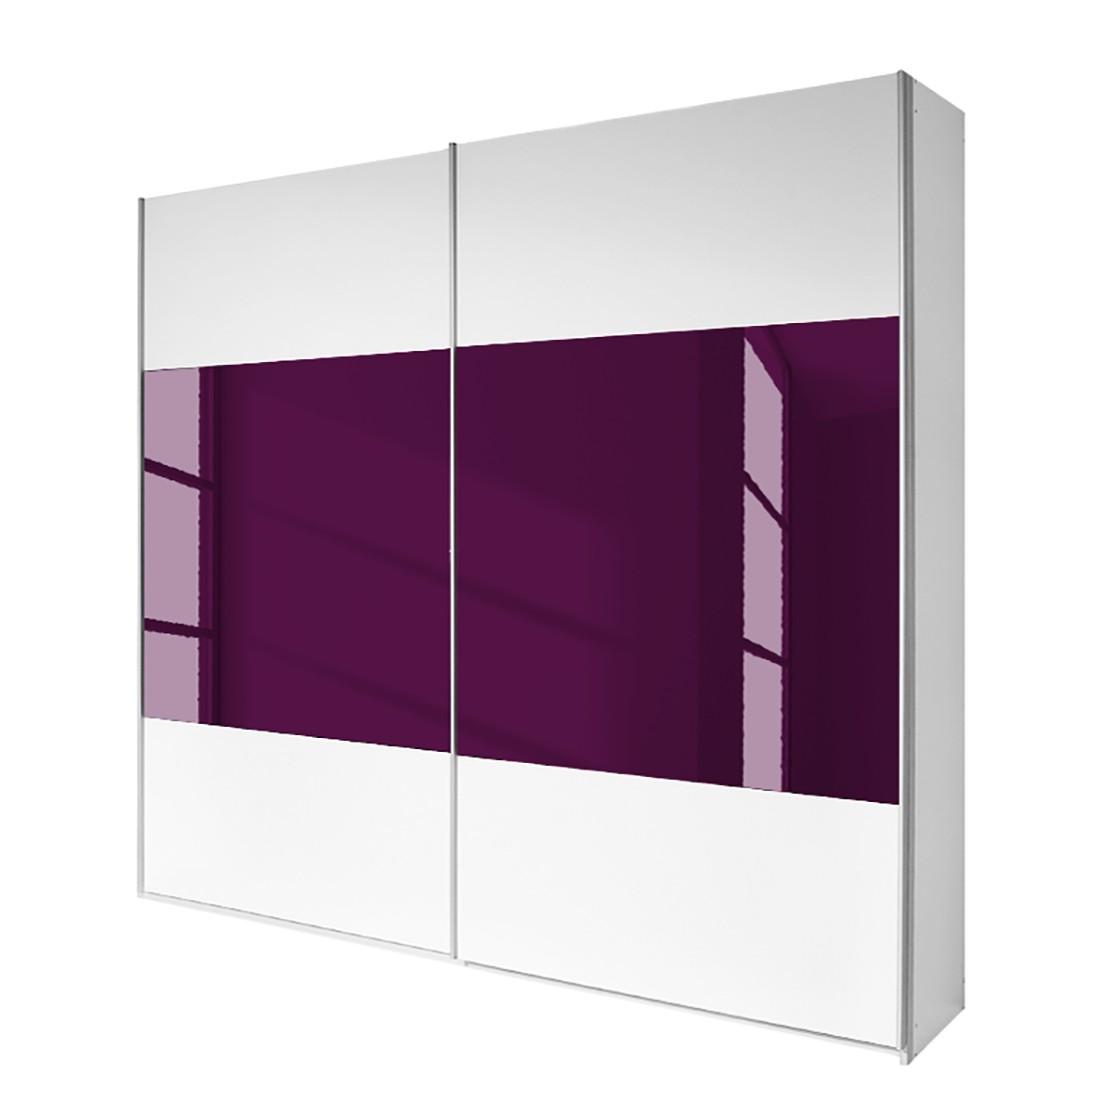 #48103B Vente Evier Sanitaires Packs évier Et Mitigeur TritOO  1155 armoires portes coulissantes rauch 1100x1100 px @ aertt.com